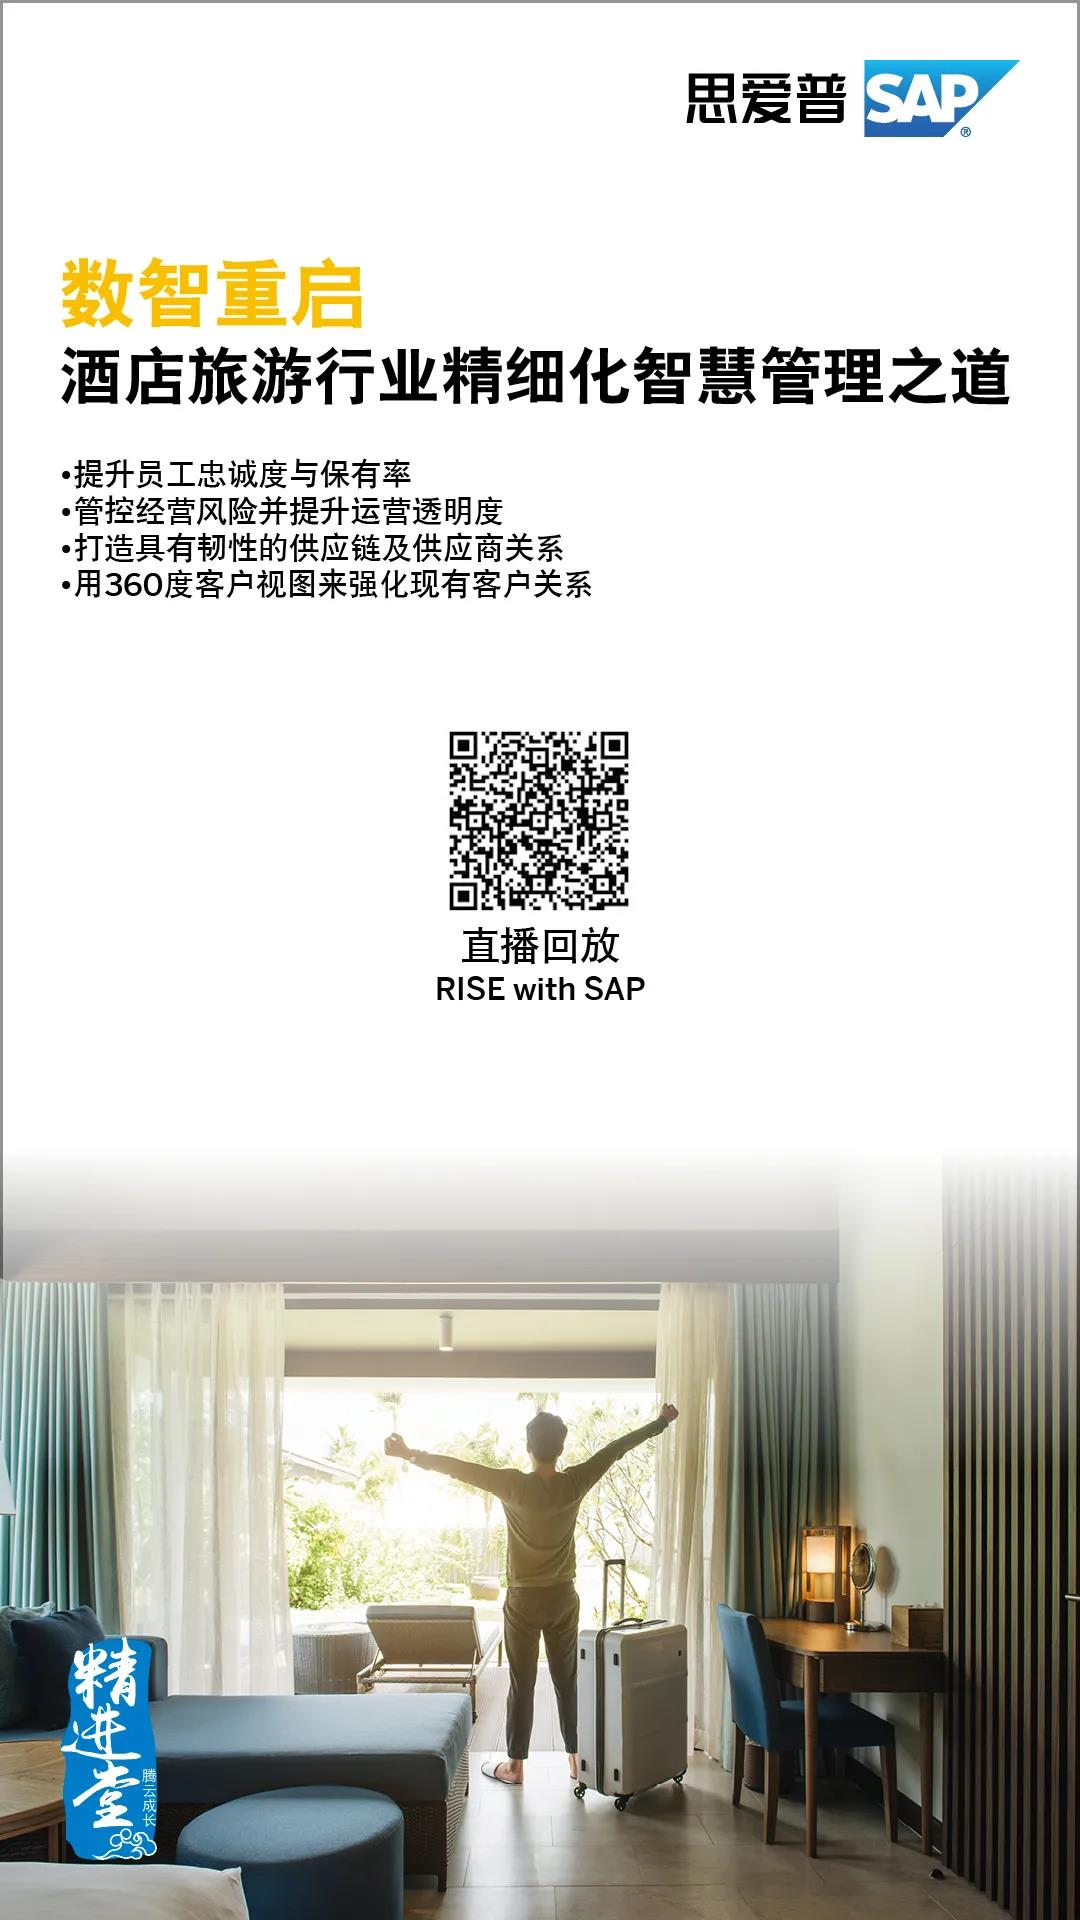 WeChat Image_20210708164559.jpg